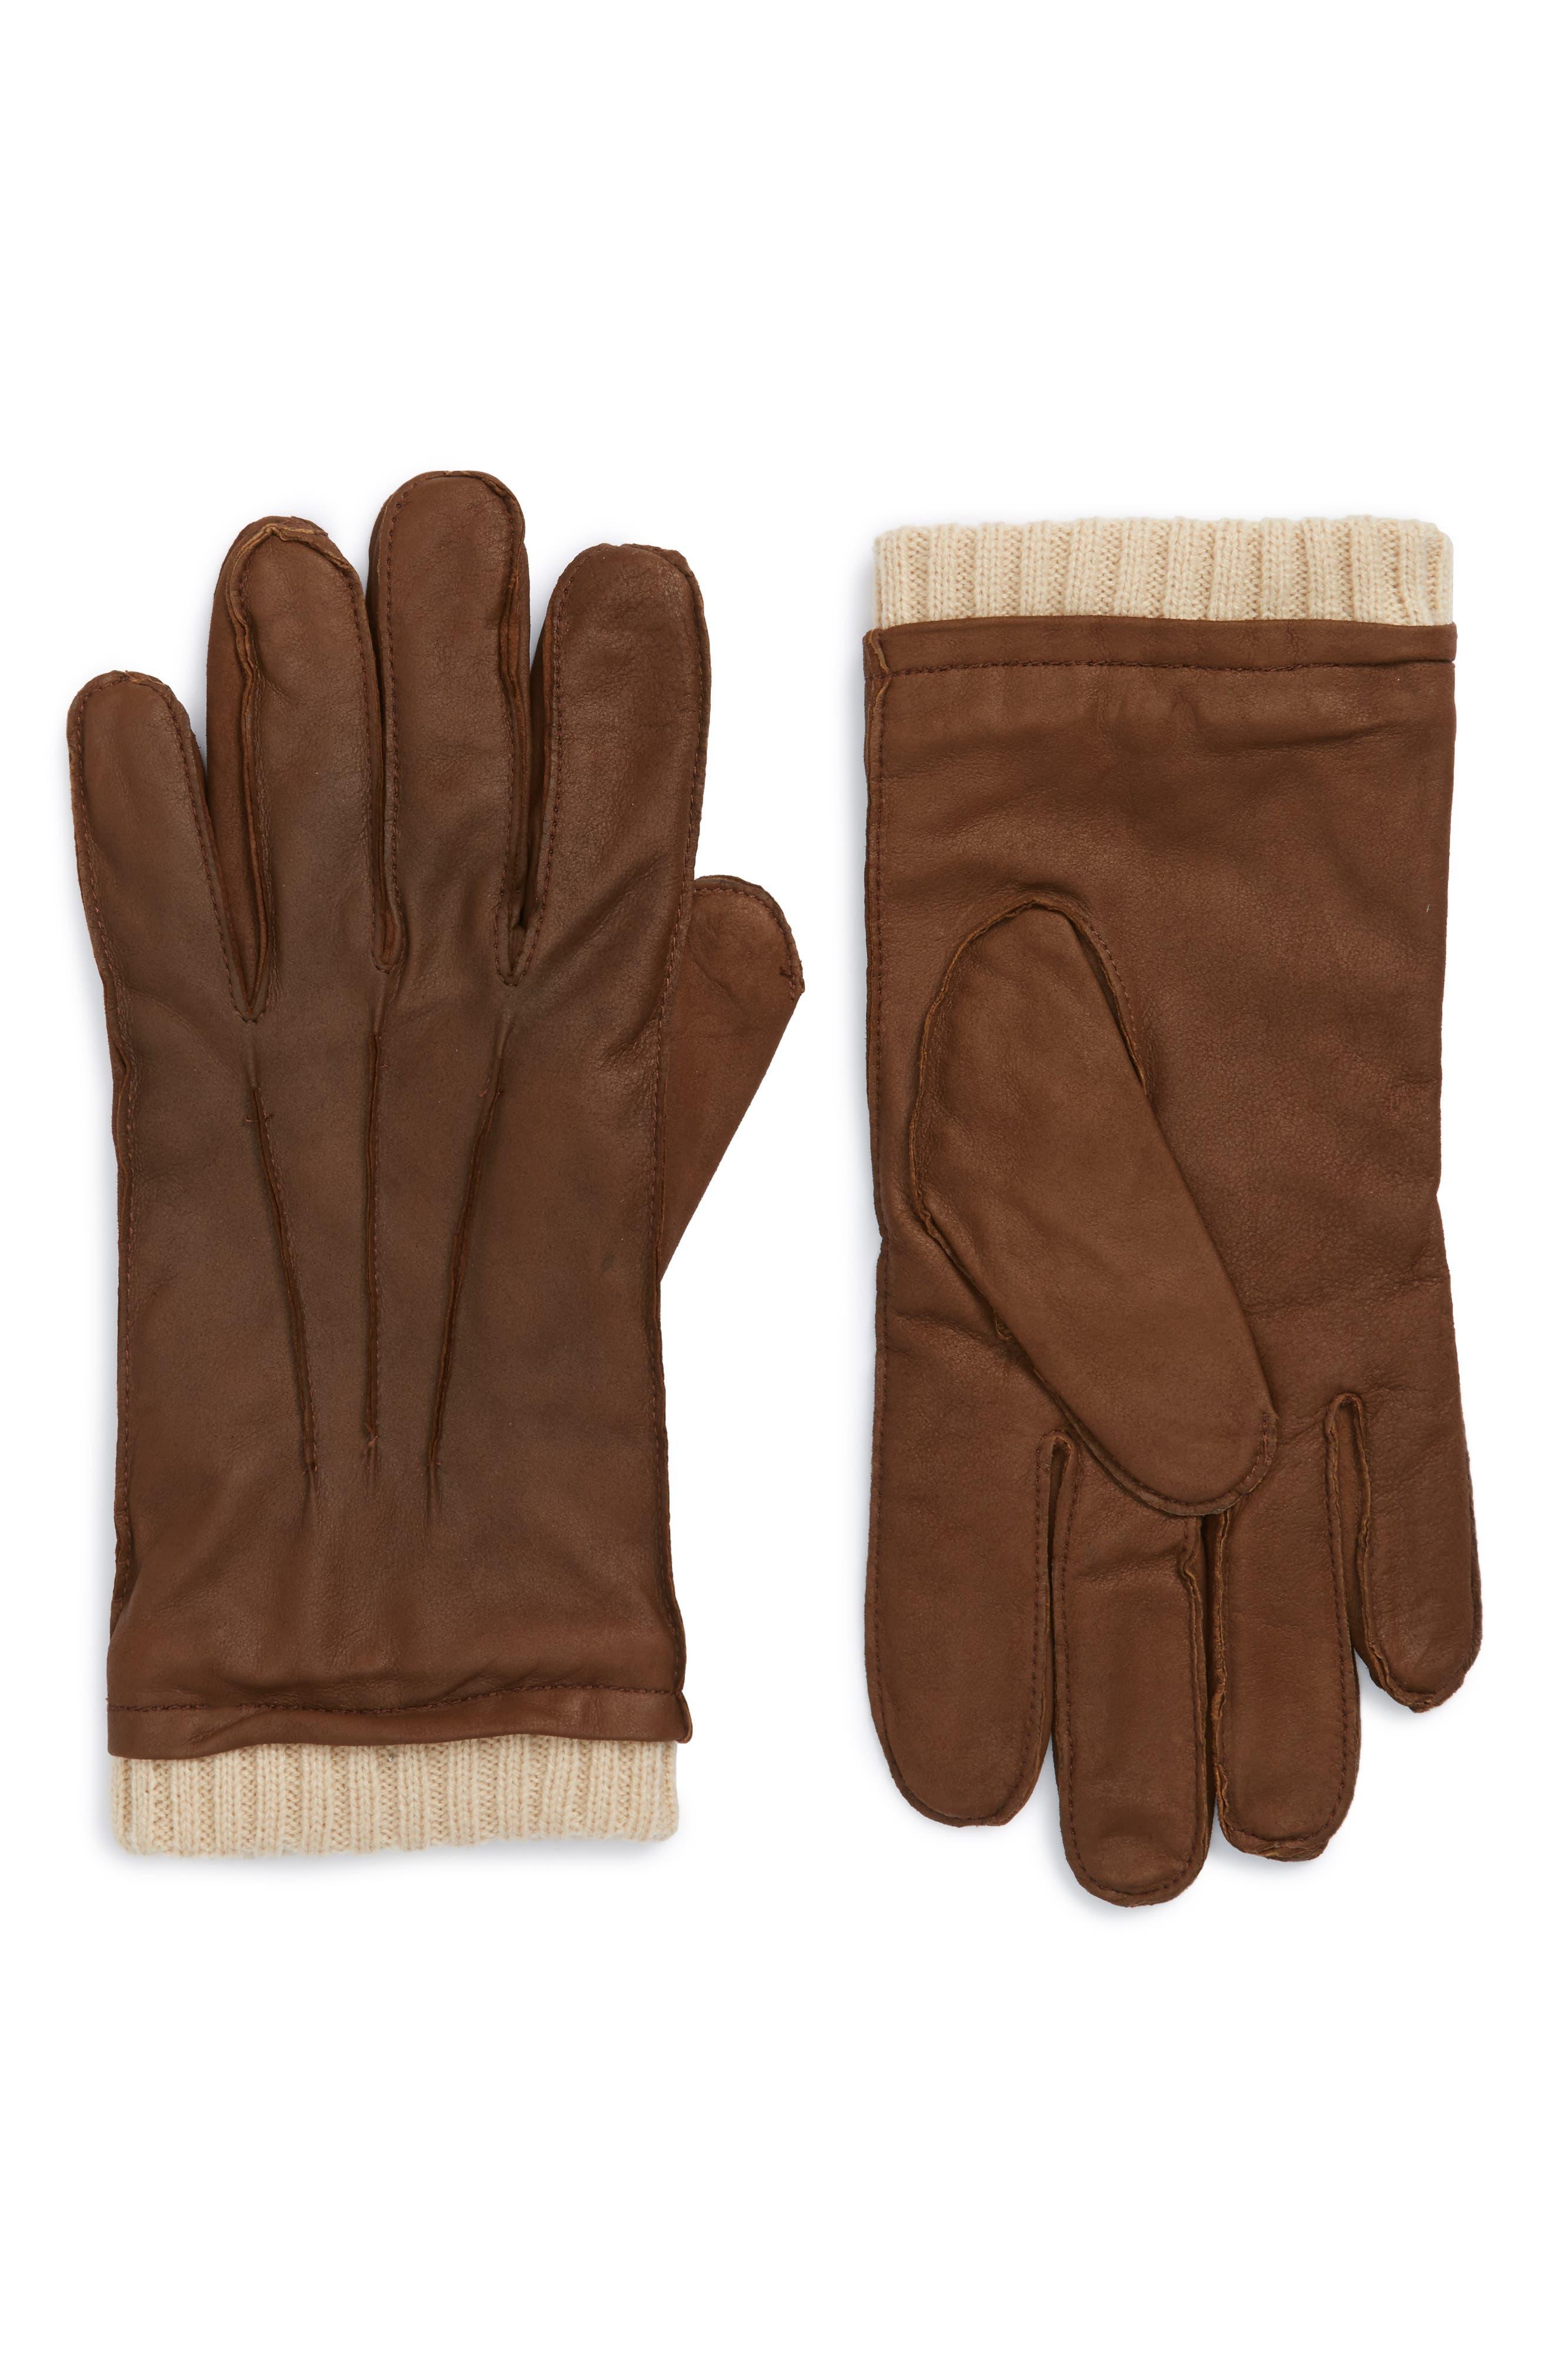 Nordstrom Men's Shop Leather Gloves